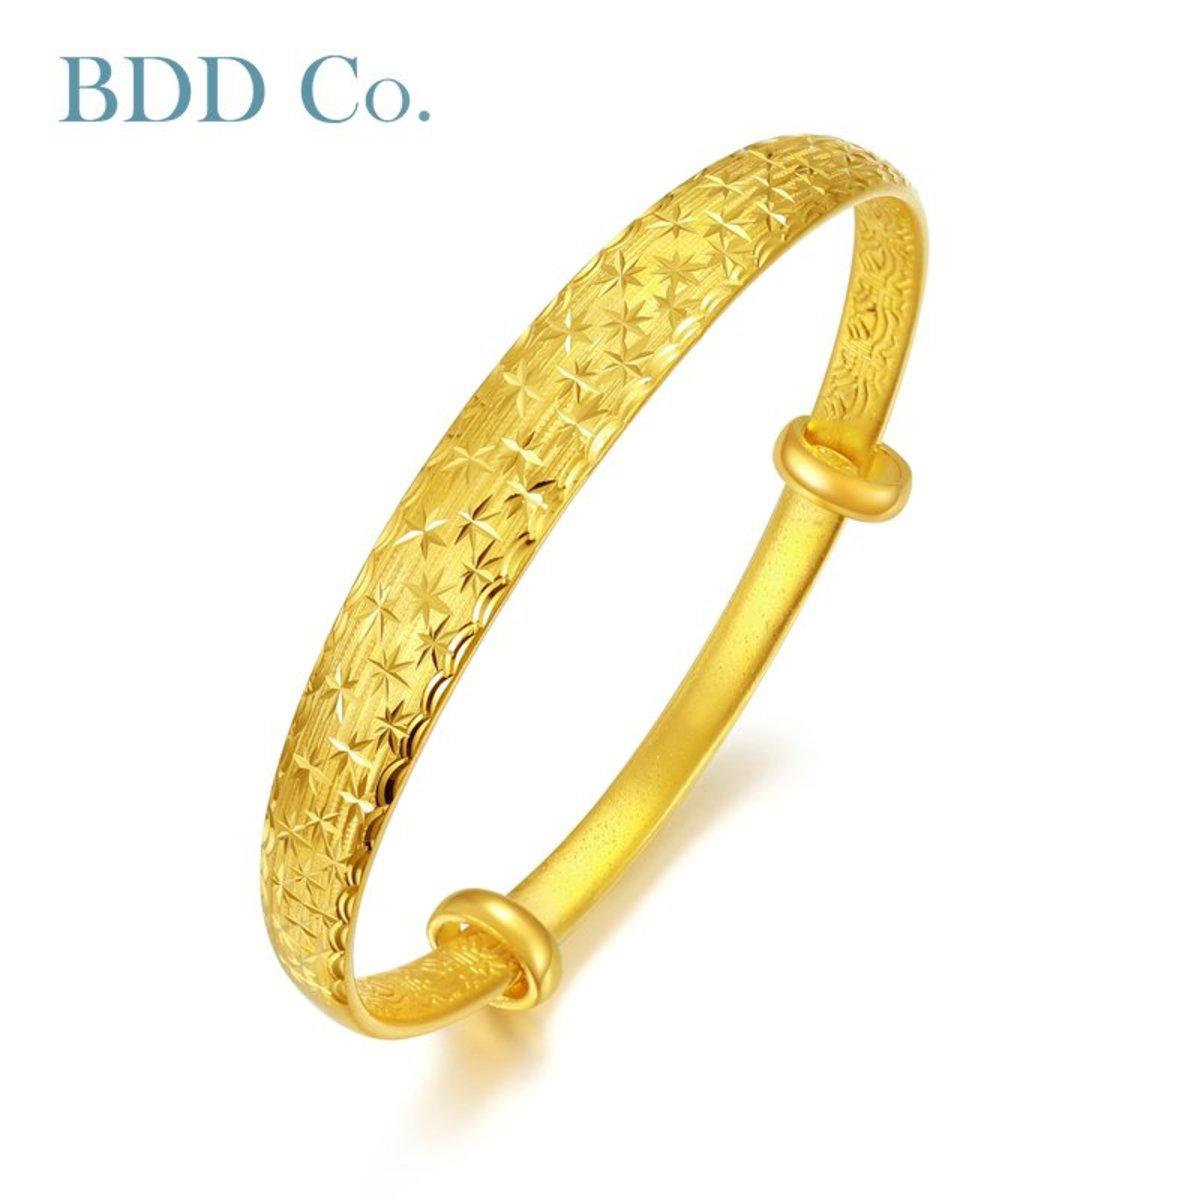 黃金手鐲 3D硬金滿天星足金手鐲